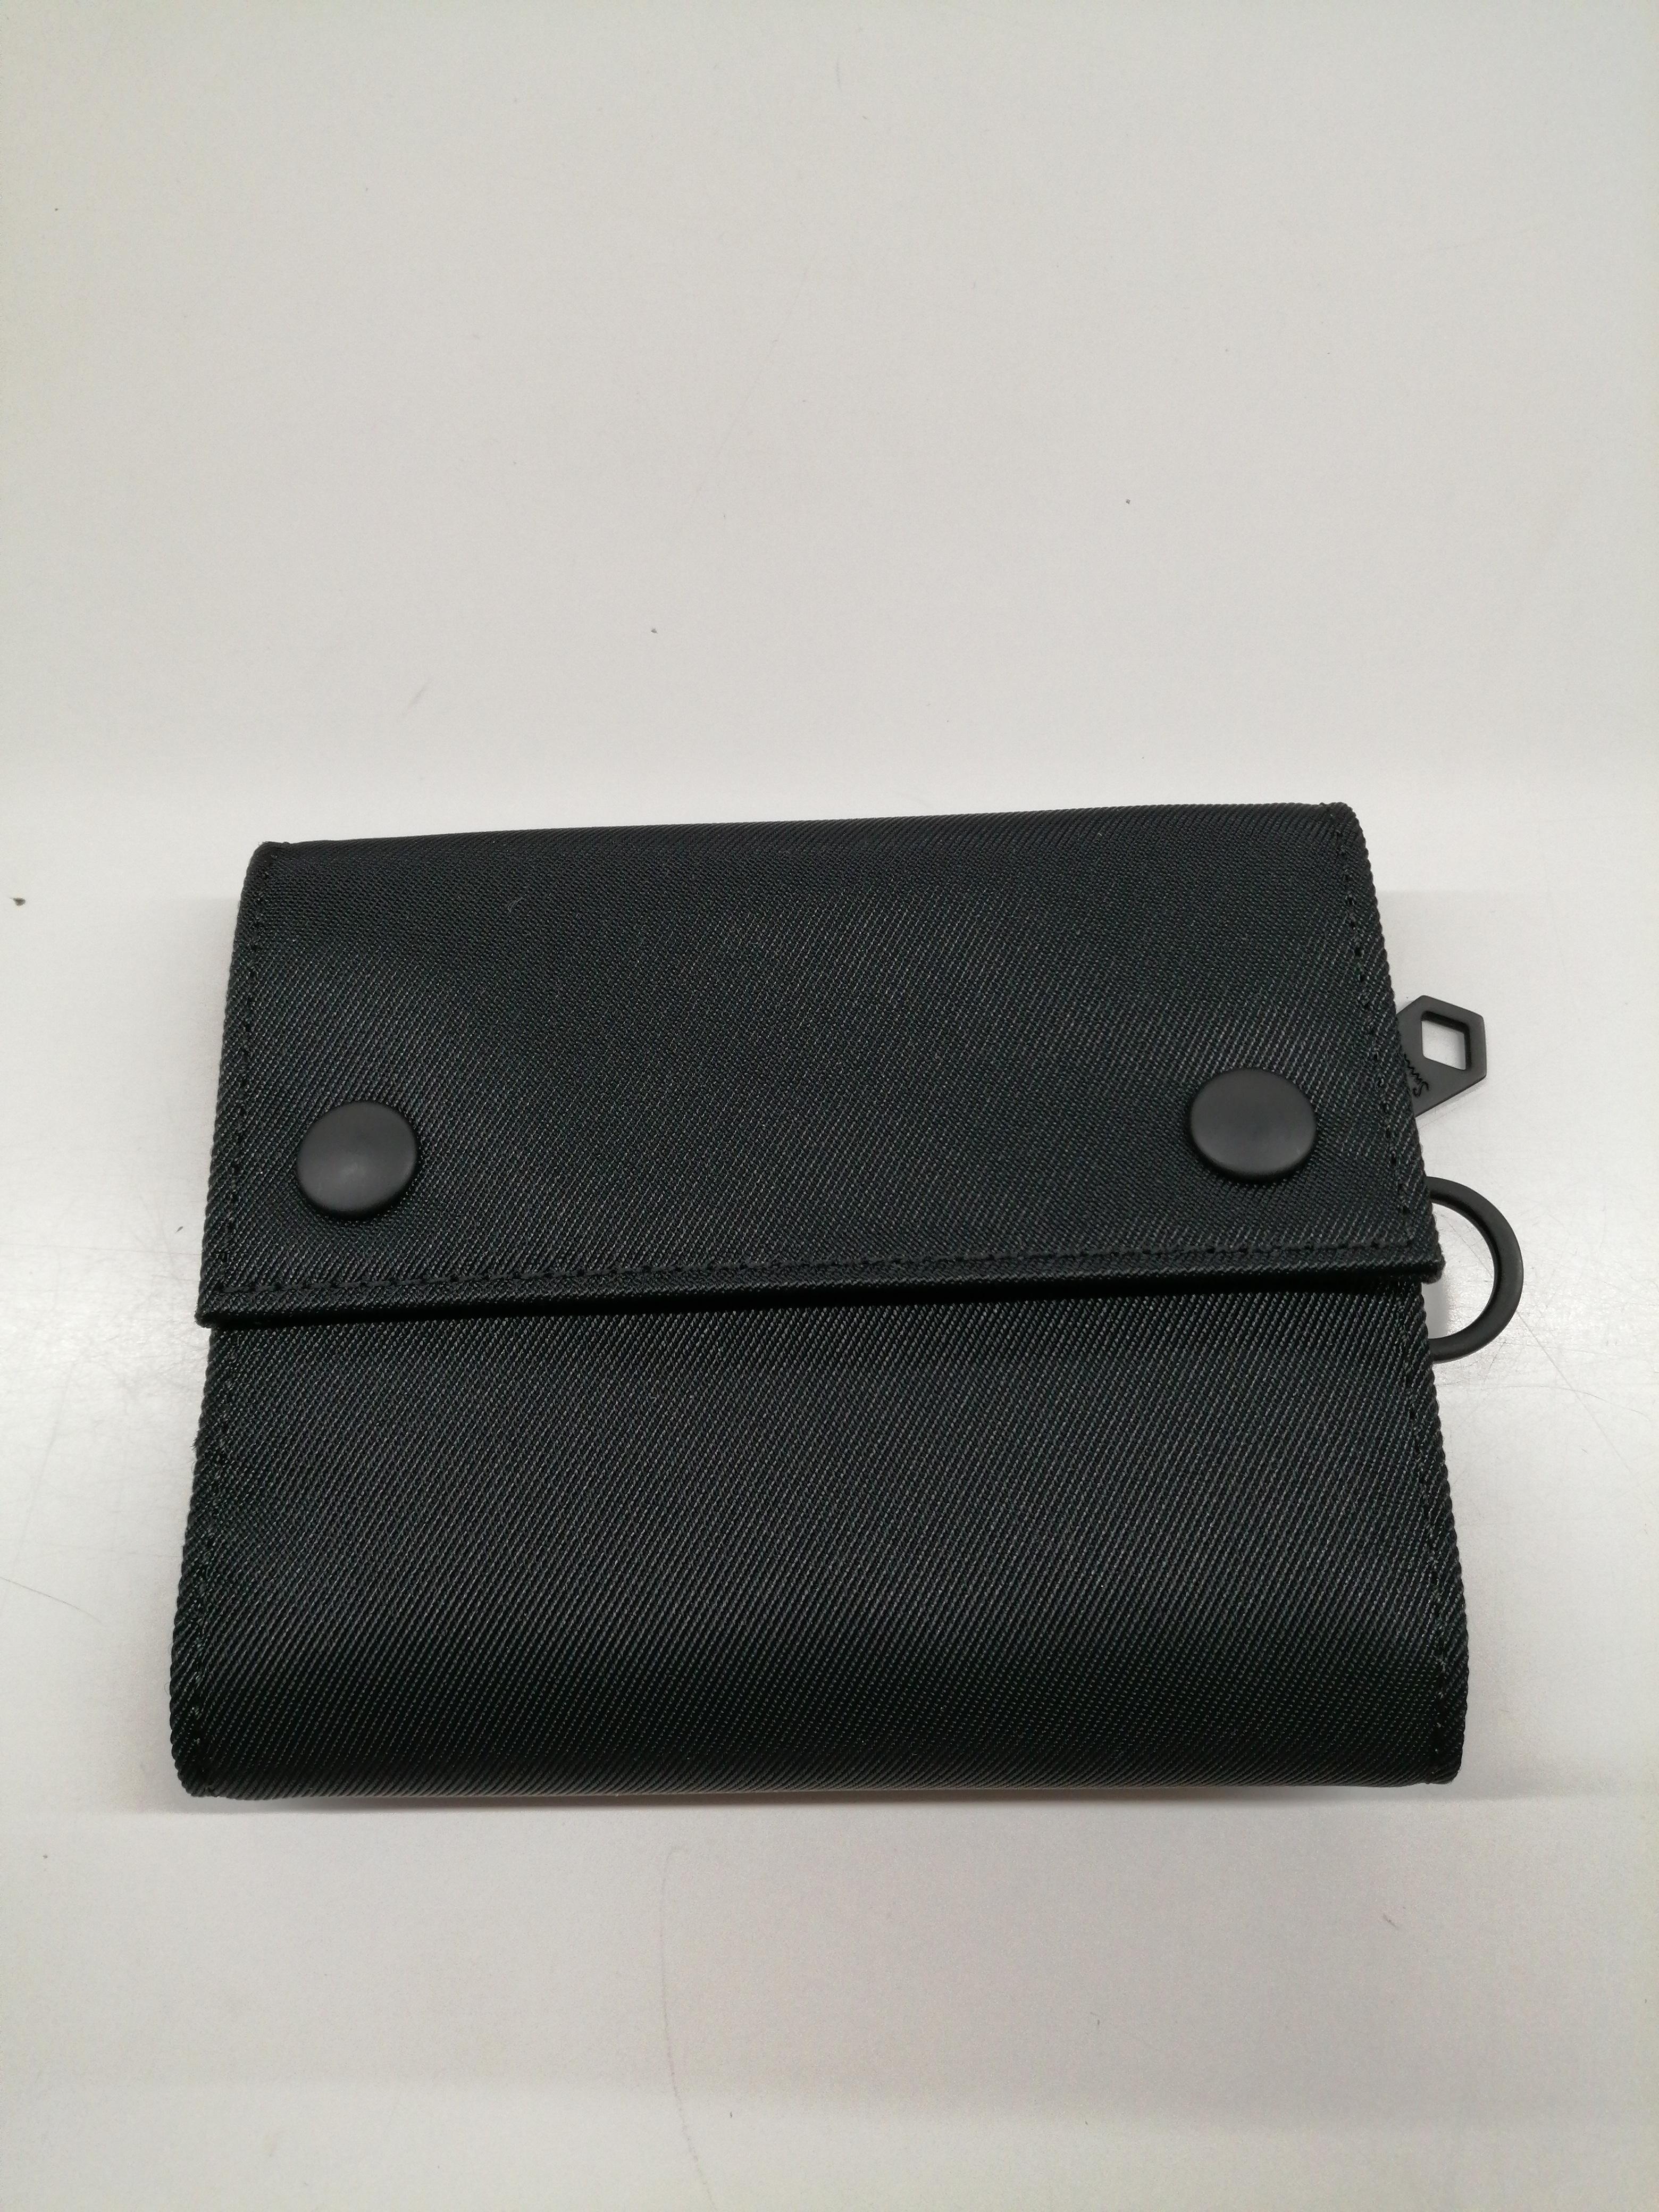 ポールスミス 3つ折布財布 PAUL SMITH